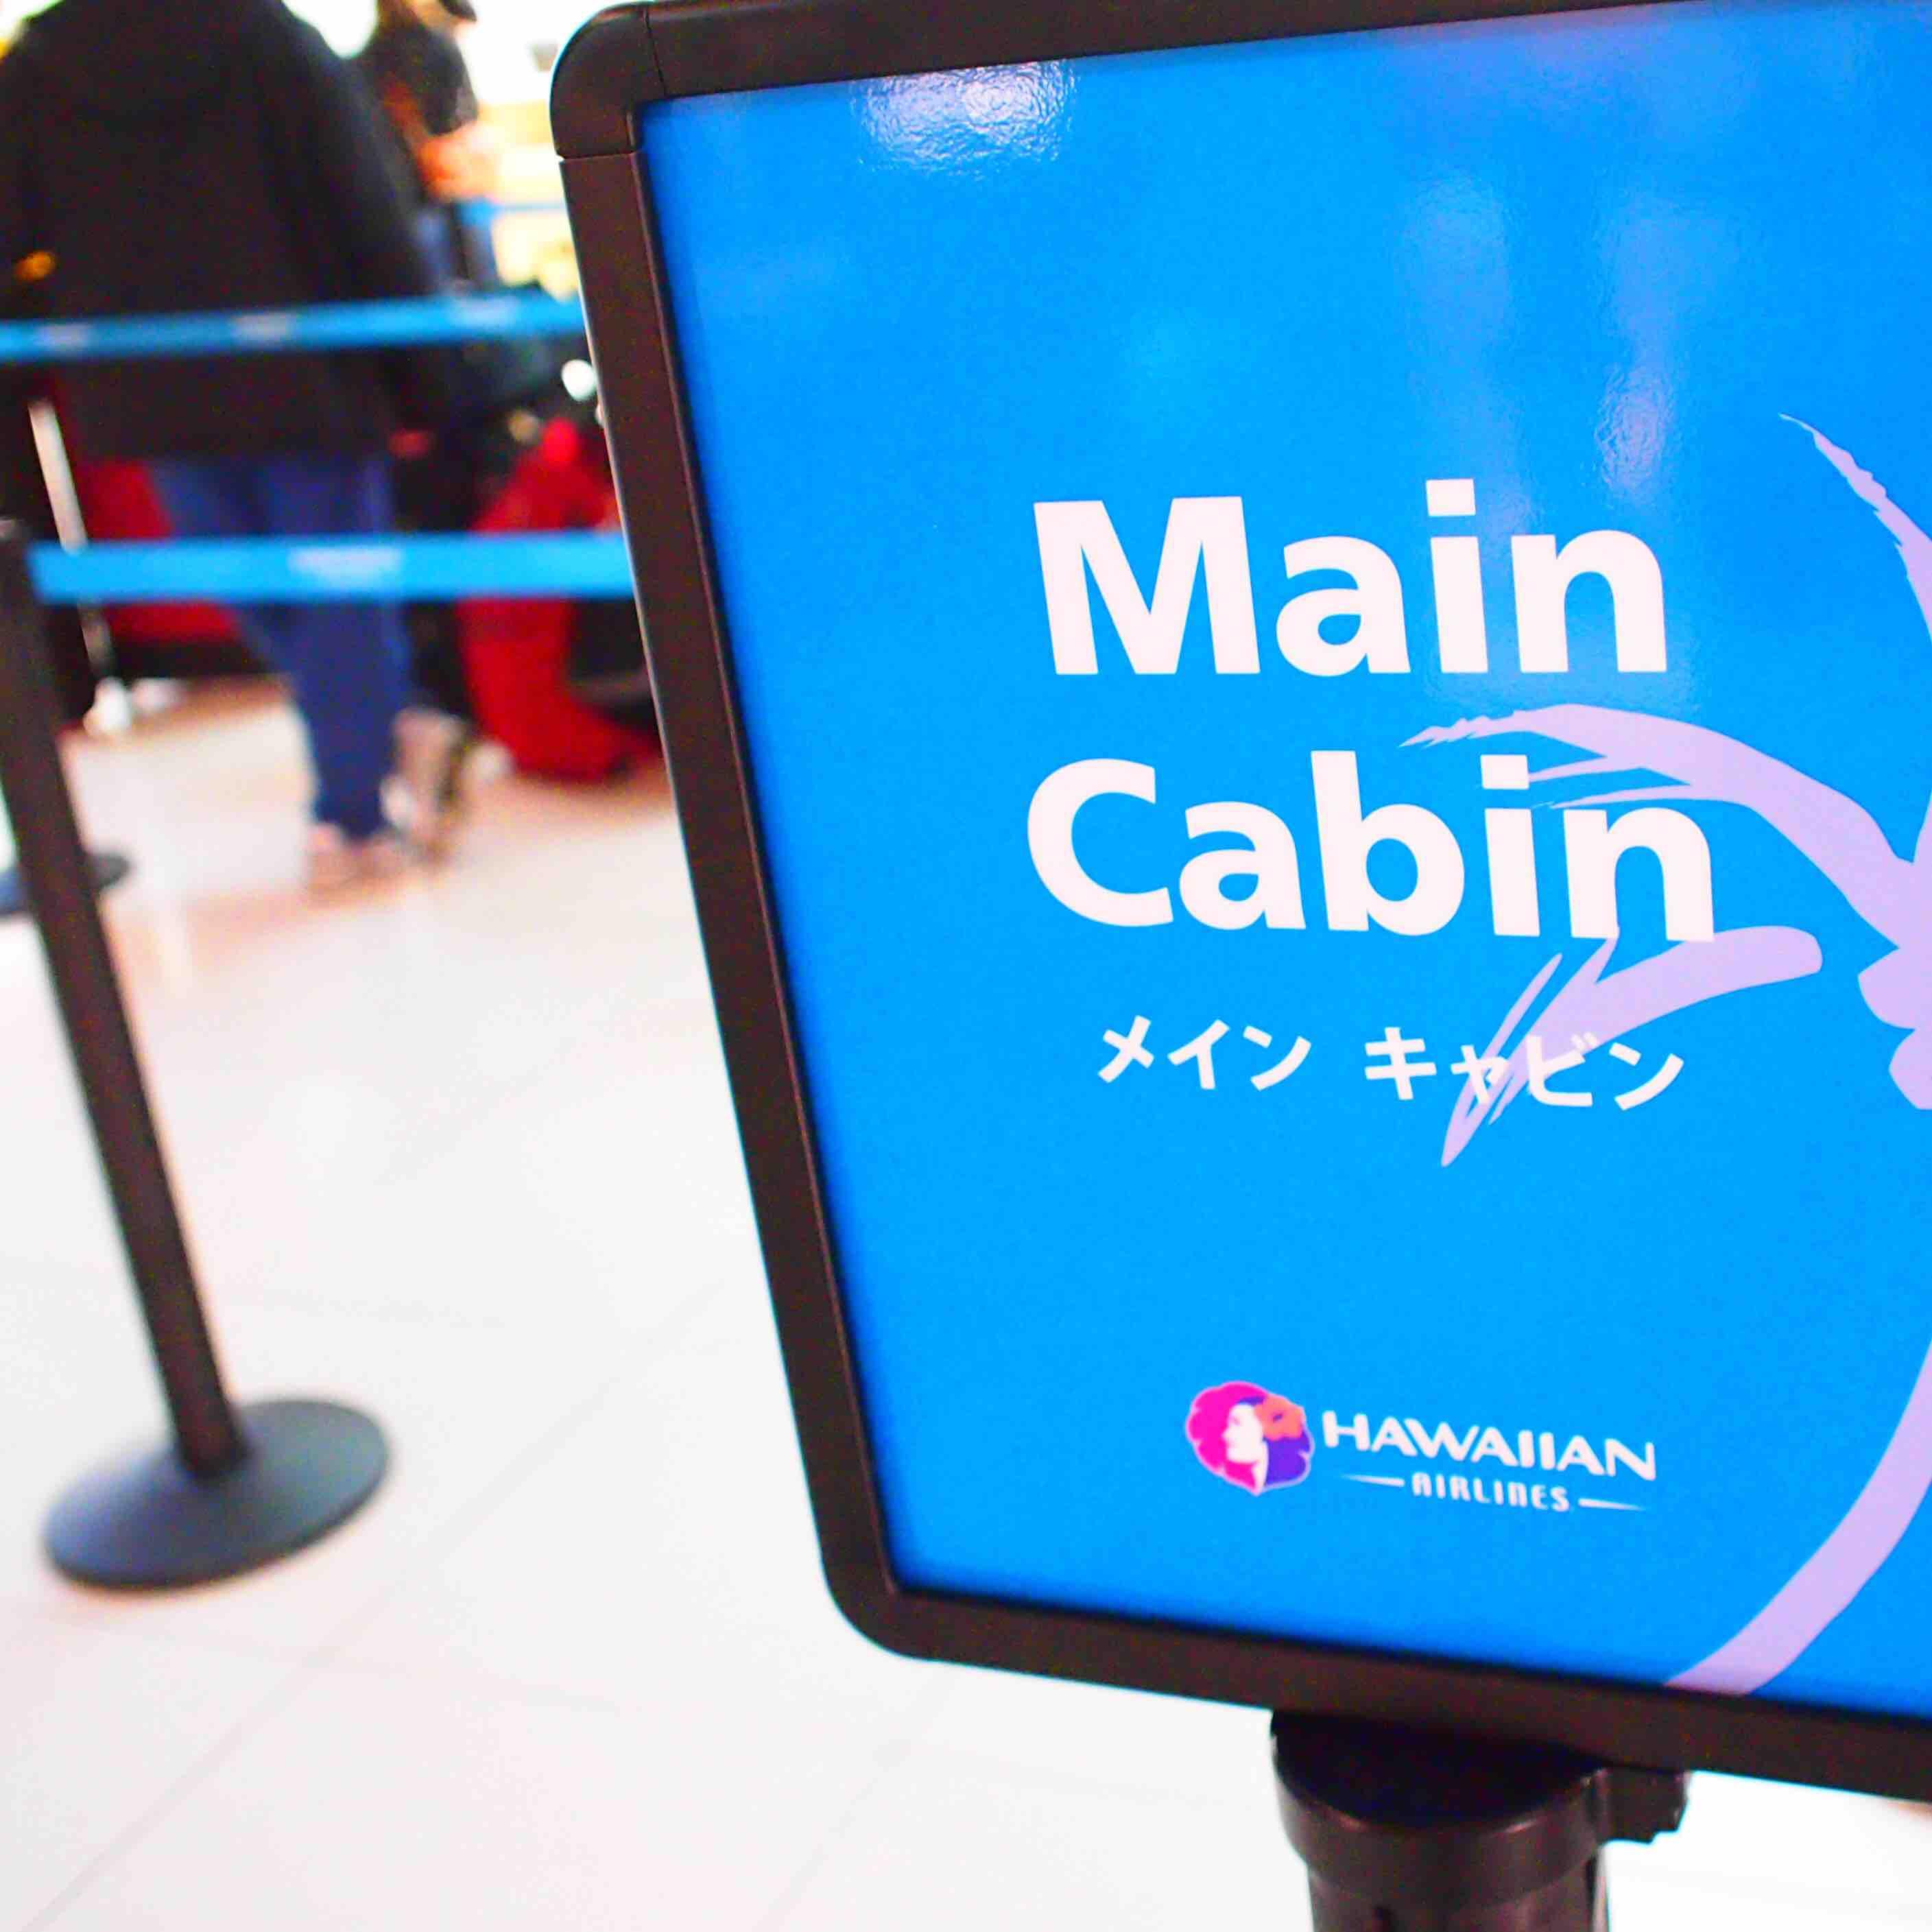 ハワイアン航空 新千歳空港